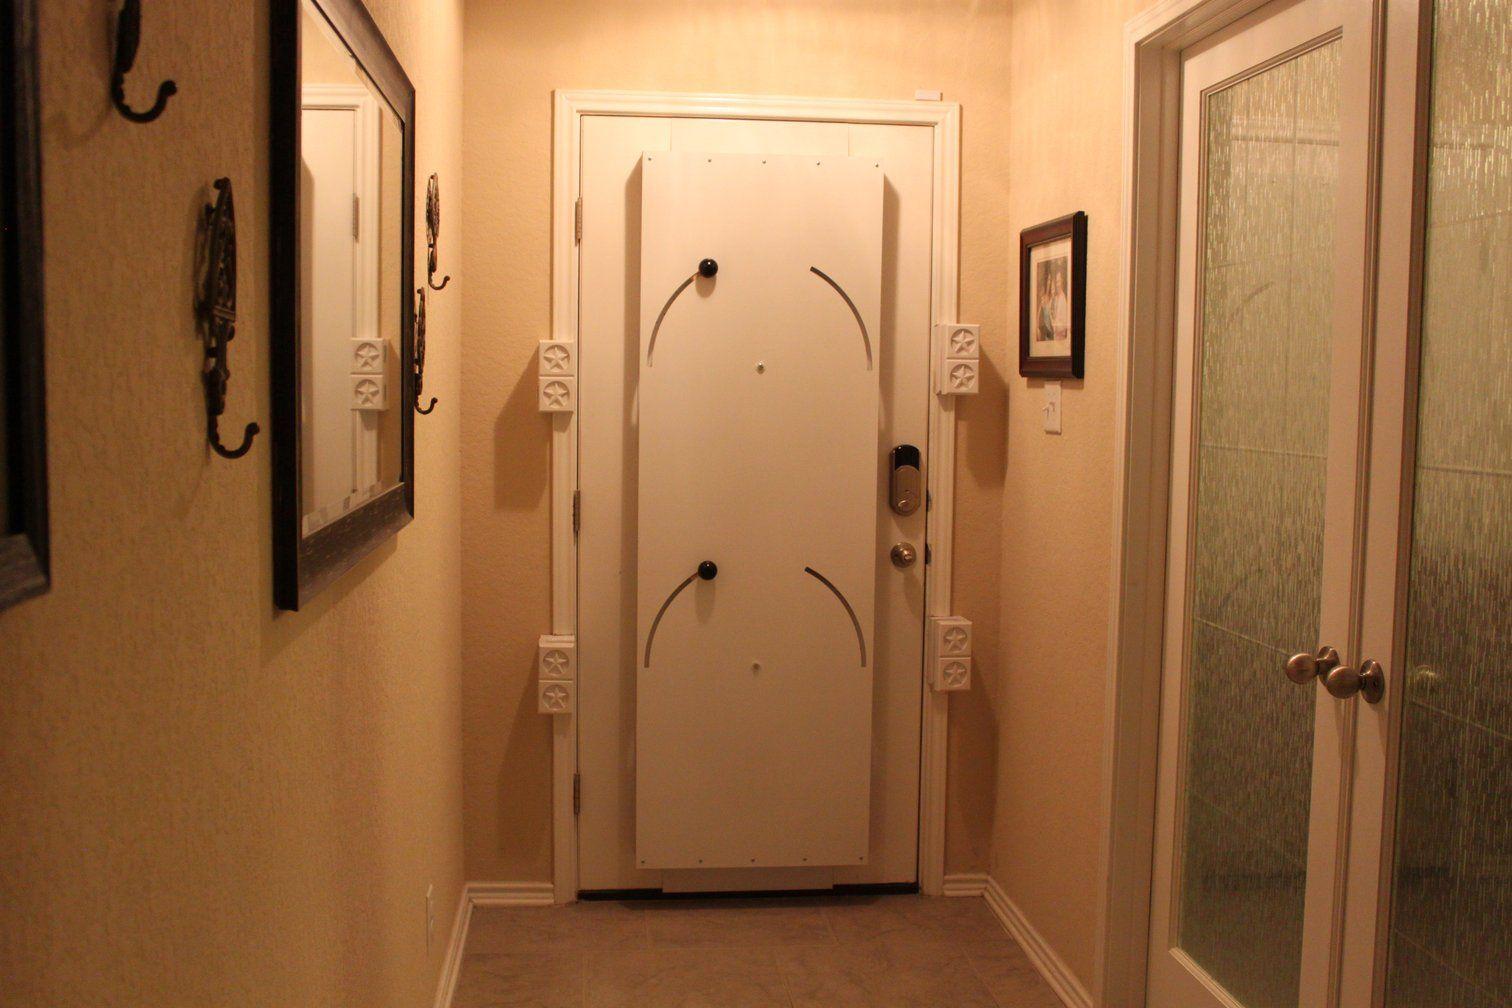 Door Barricade in 2020 (With images) Safe room, Doors